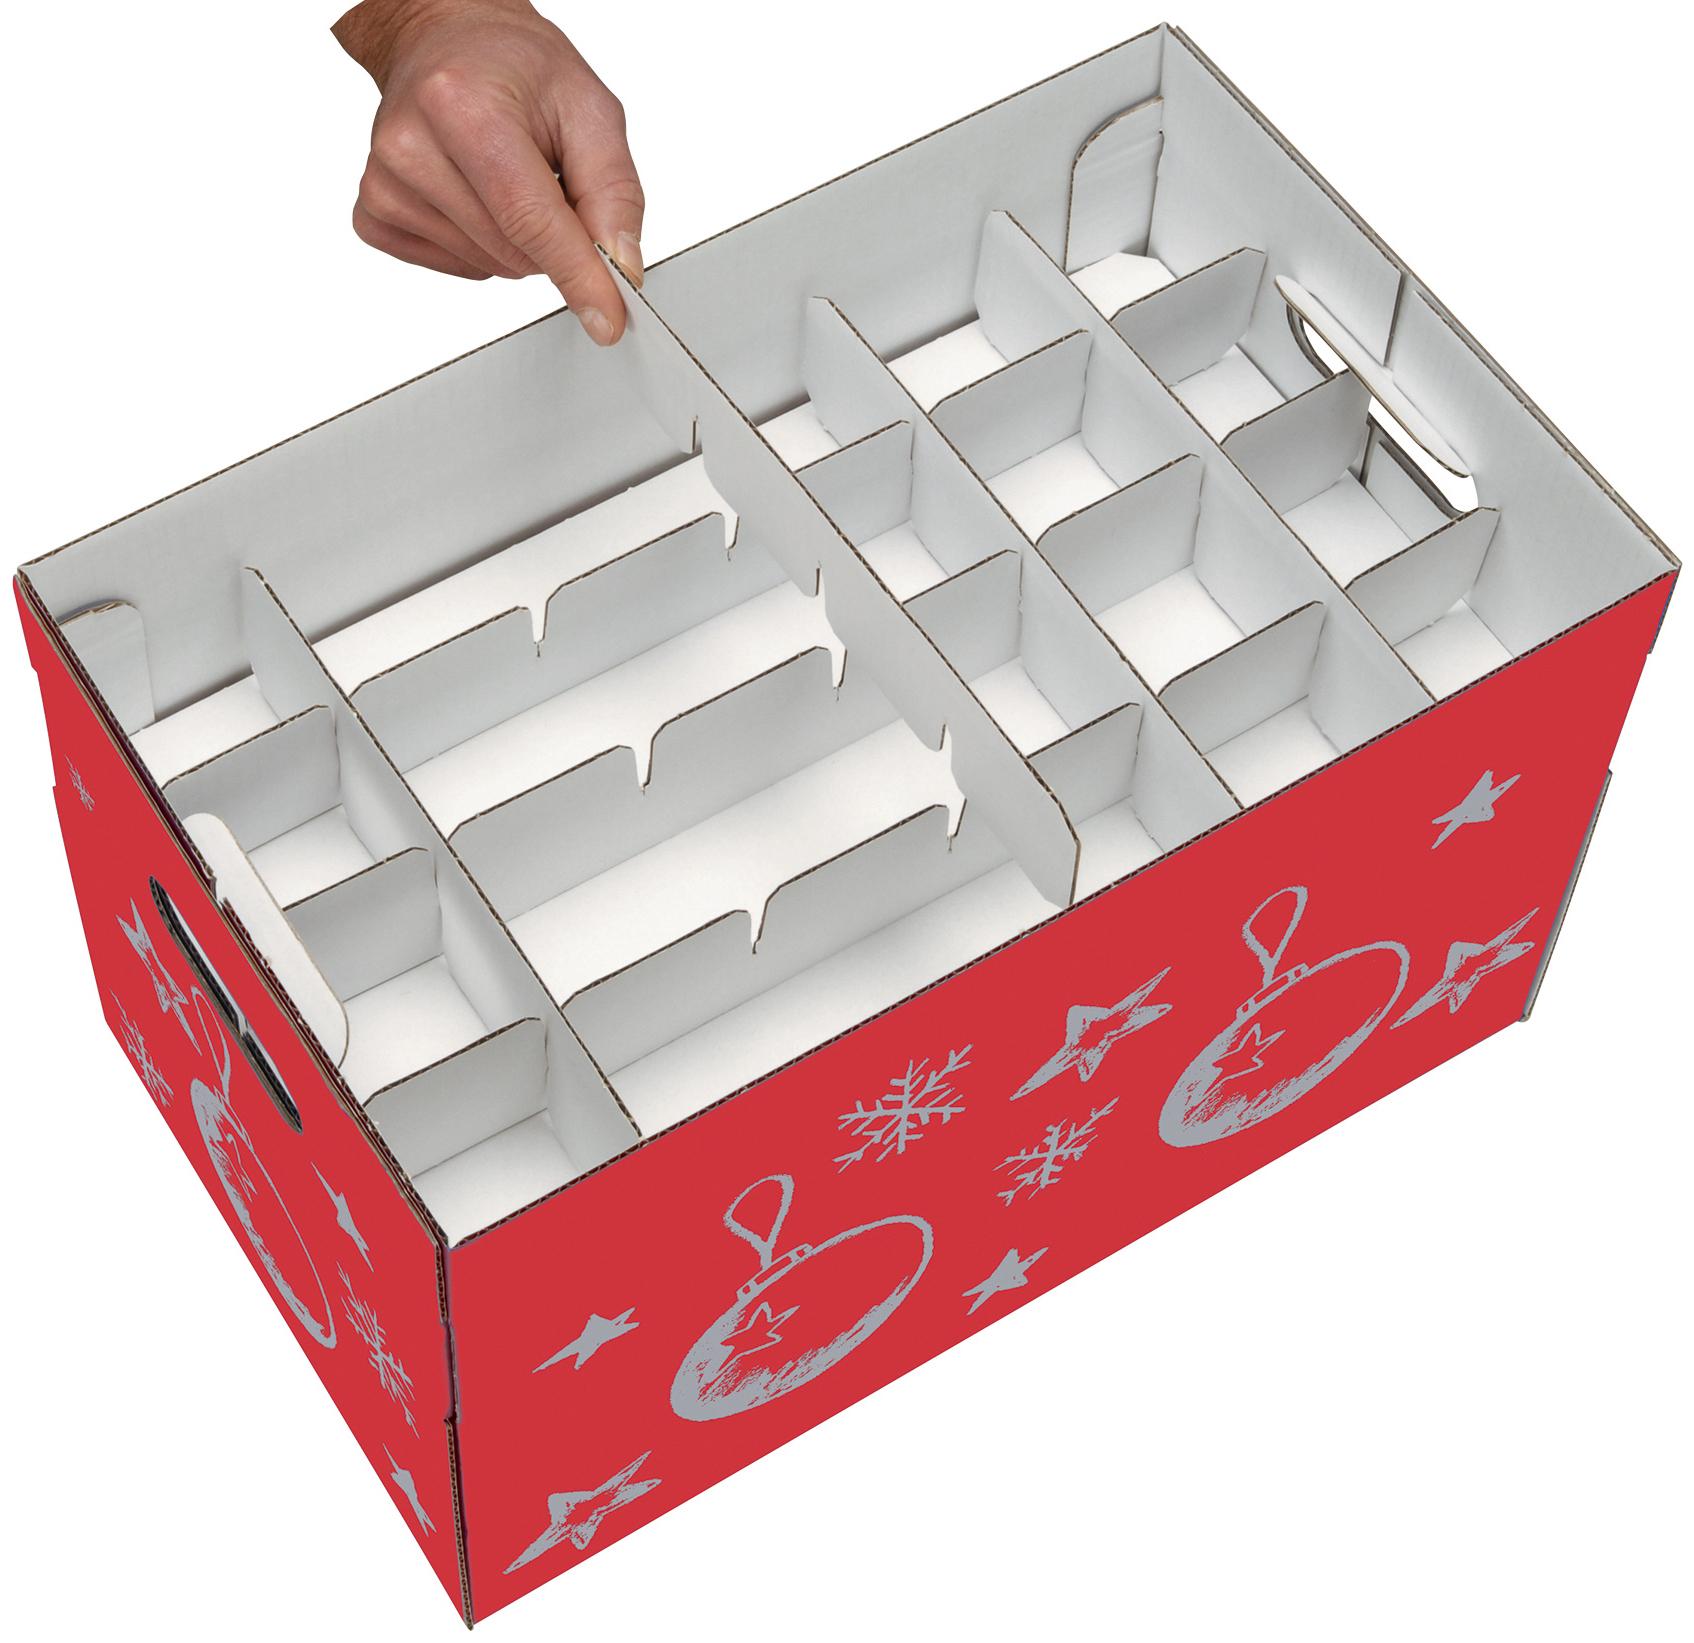 NIPS CHRISTMAS-BOX Mit Variabler Innenaufteilung Auf 3 Ebenen